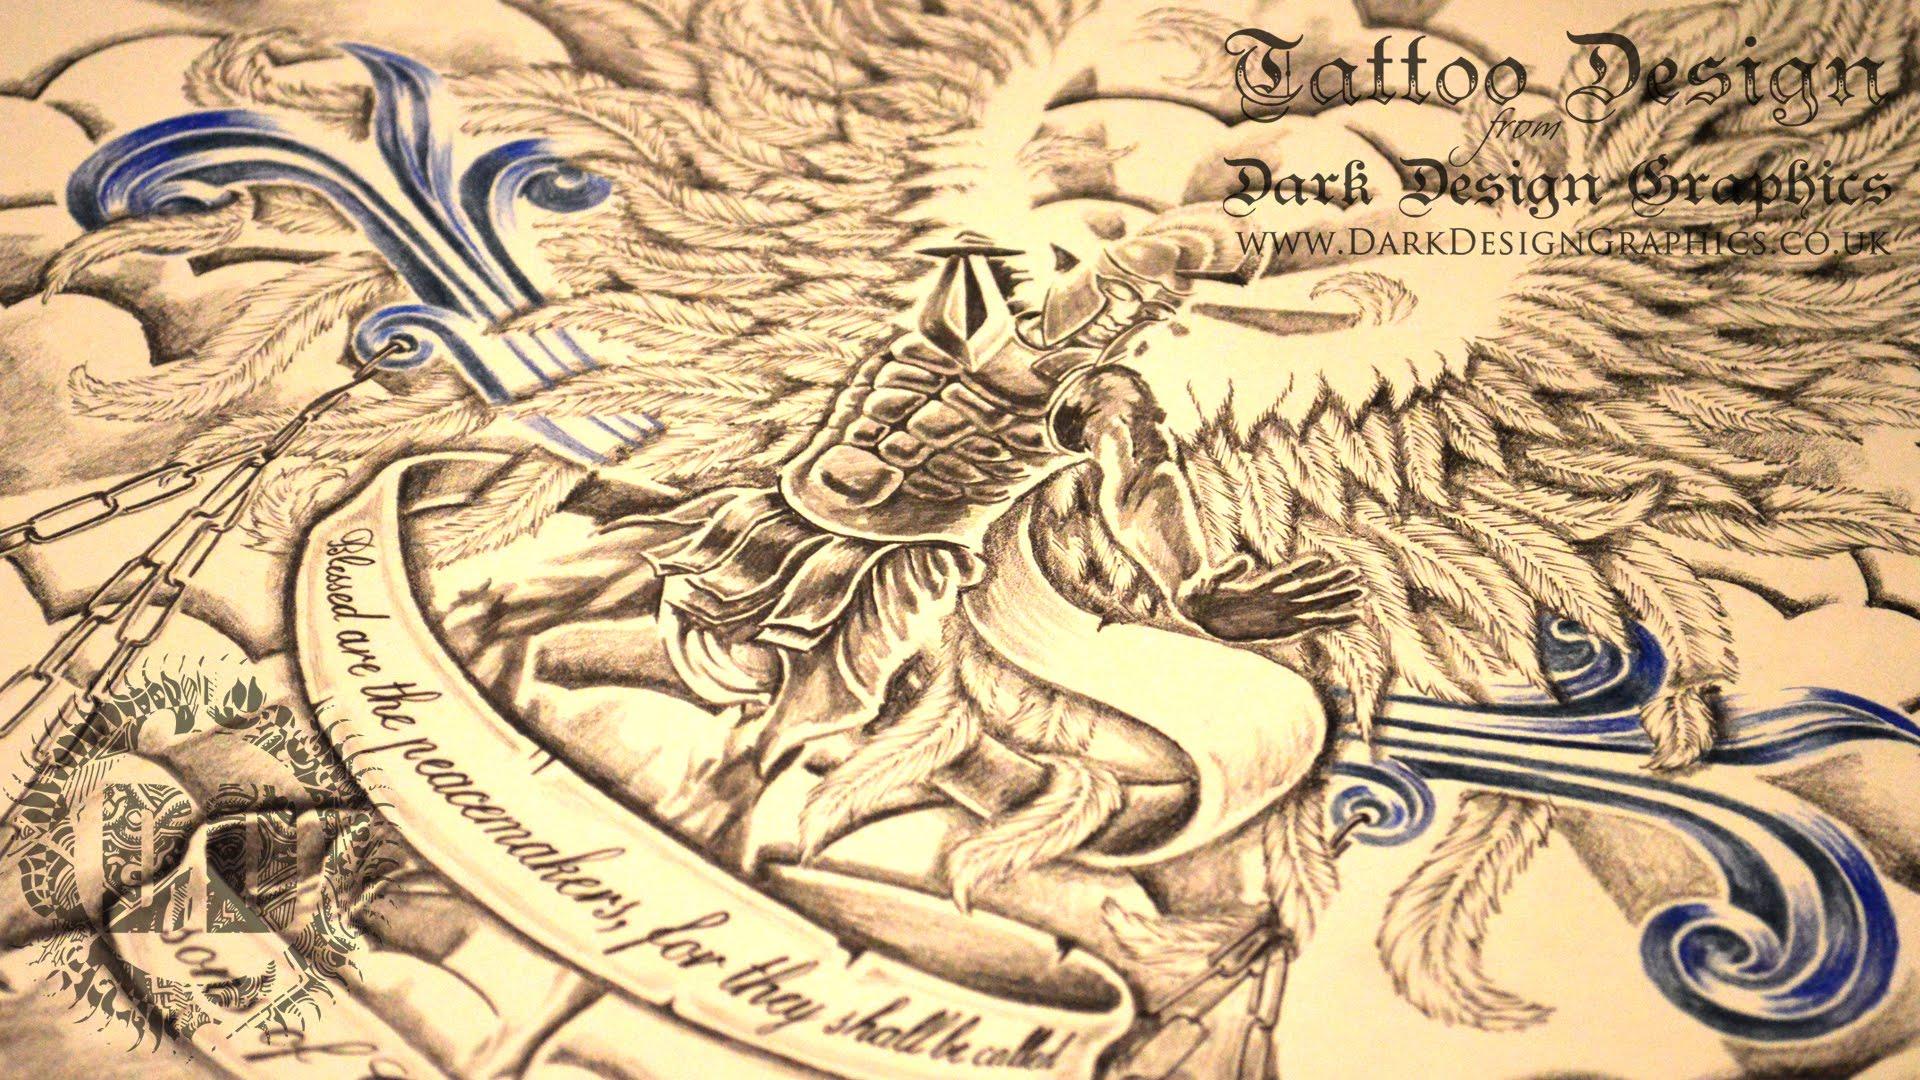 1920x1080 St. Michael Tattoo Design